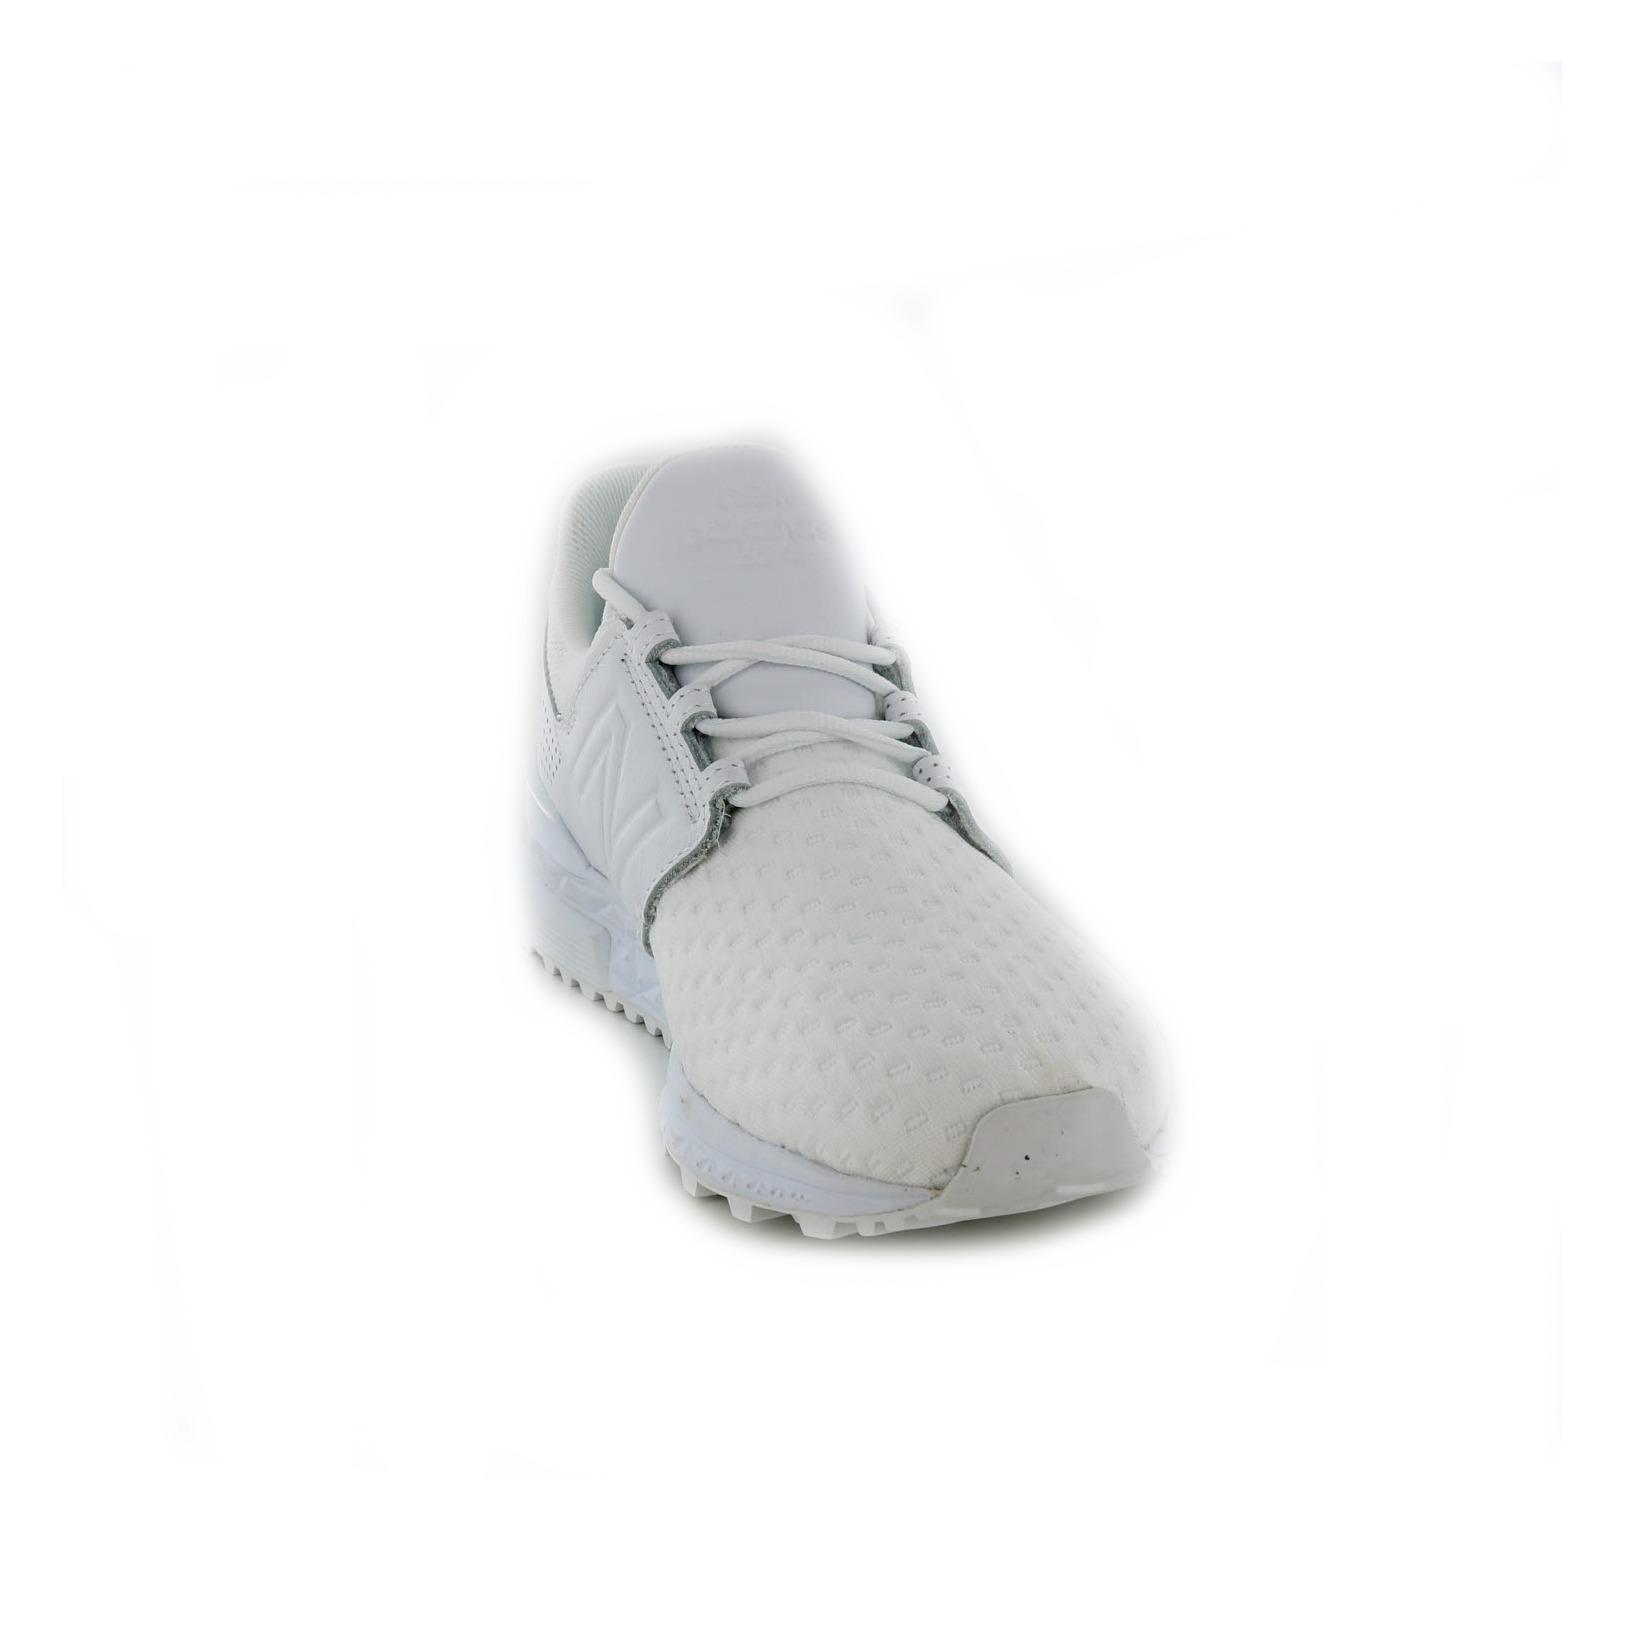 Nouvelles Chaussures Équilibre / Dentelle - Chaussures De Sport, Blanc